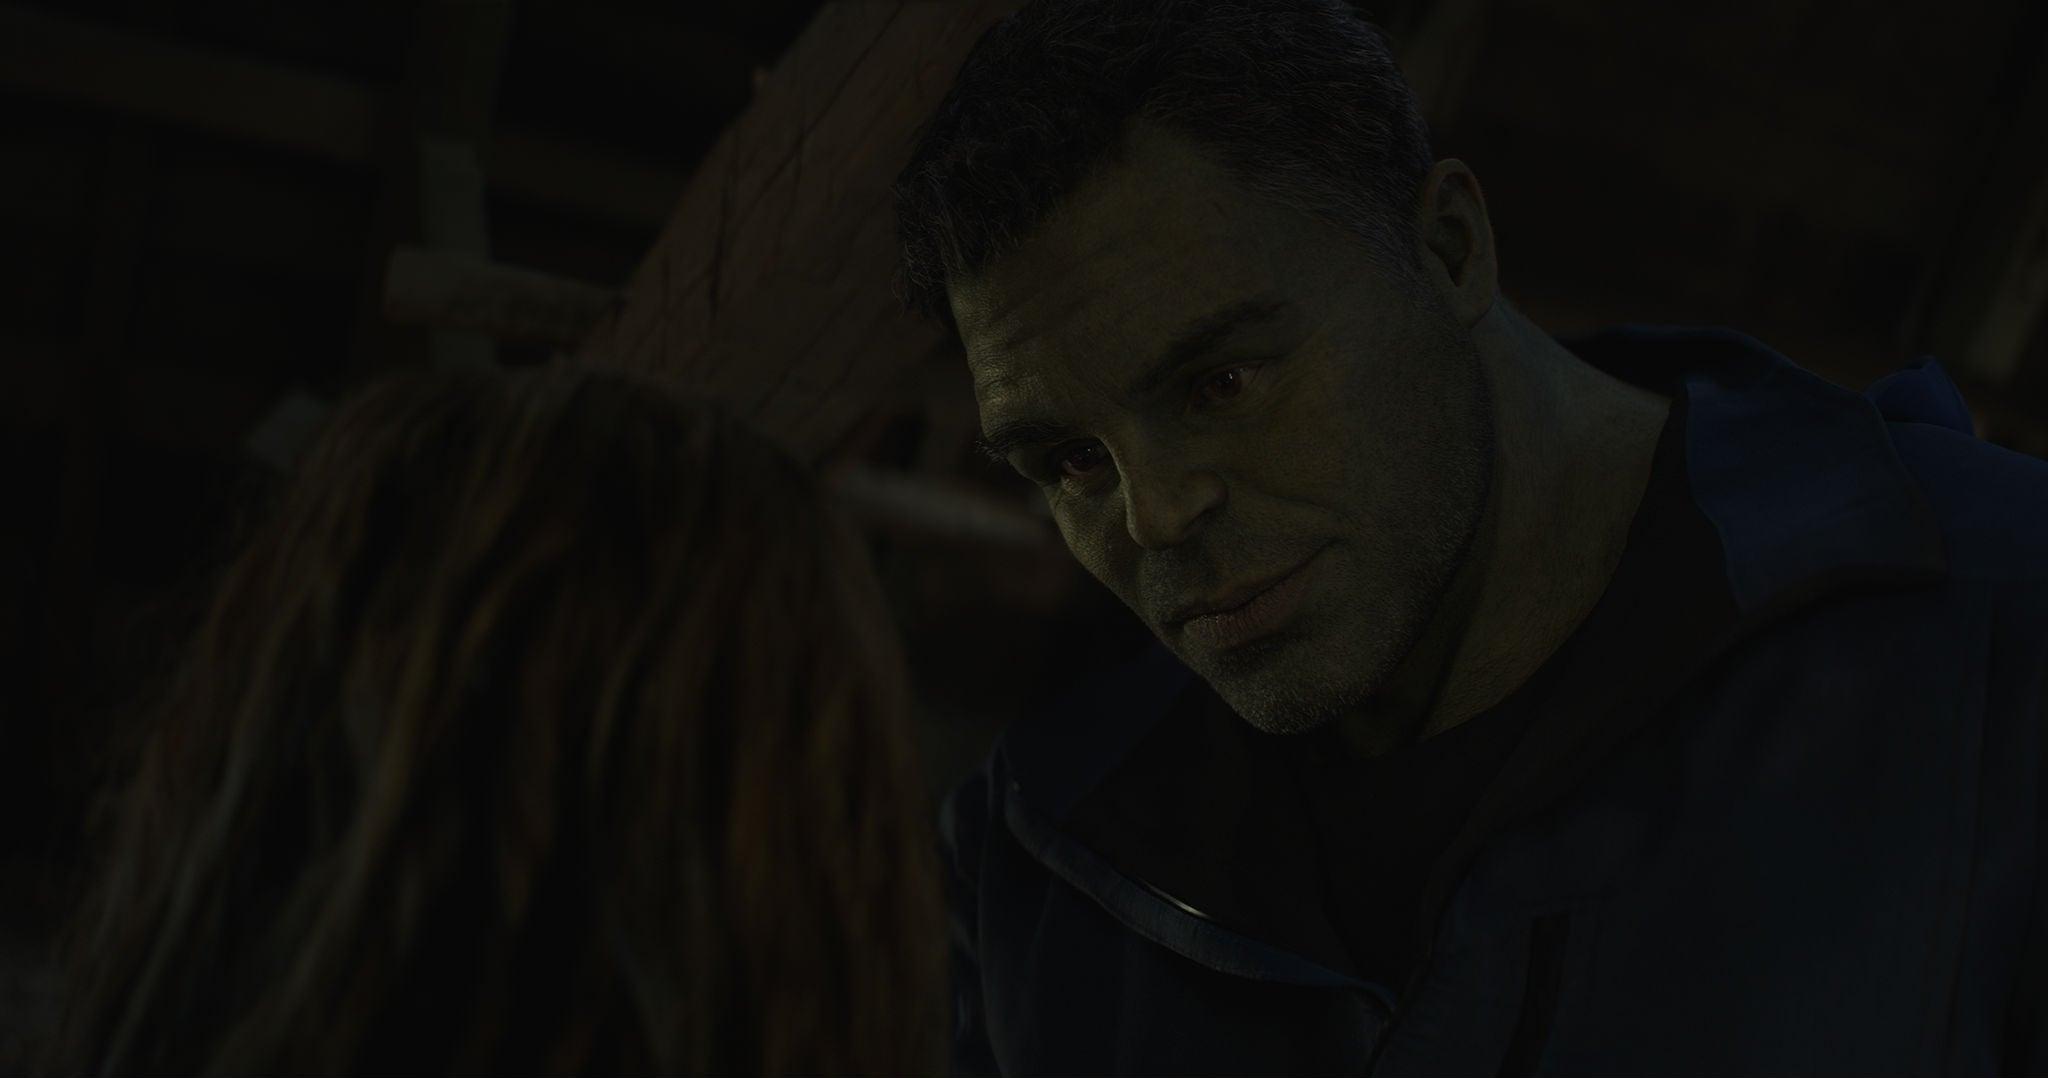 Avengers Endgame Spoiler Vfx Stills Highlight Hulk S New